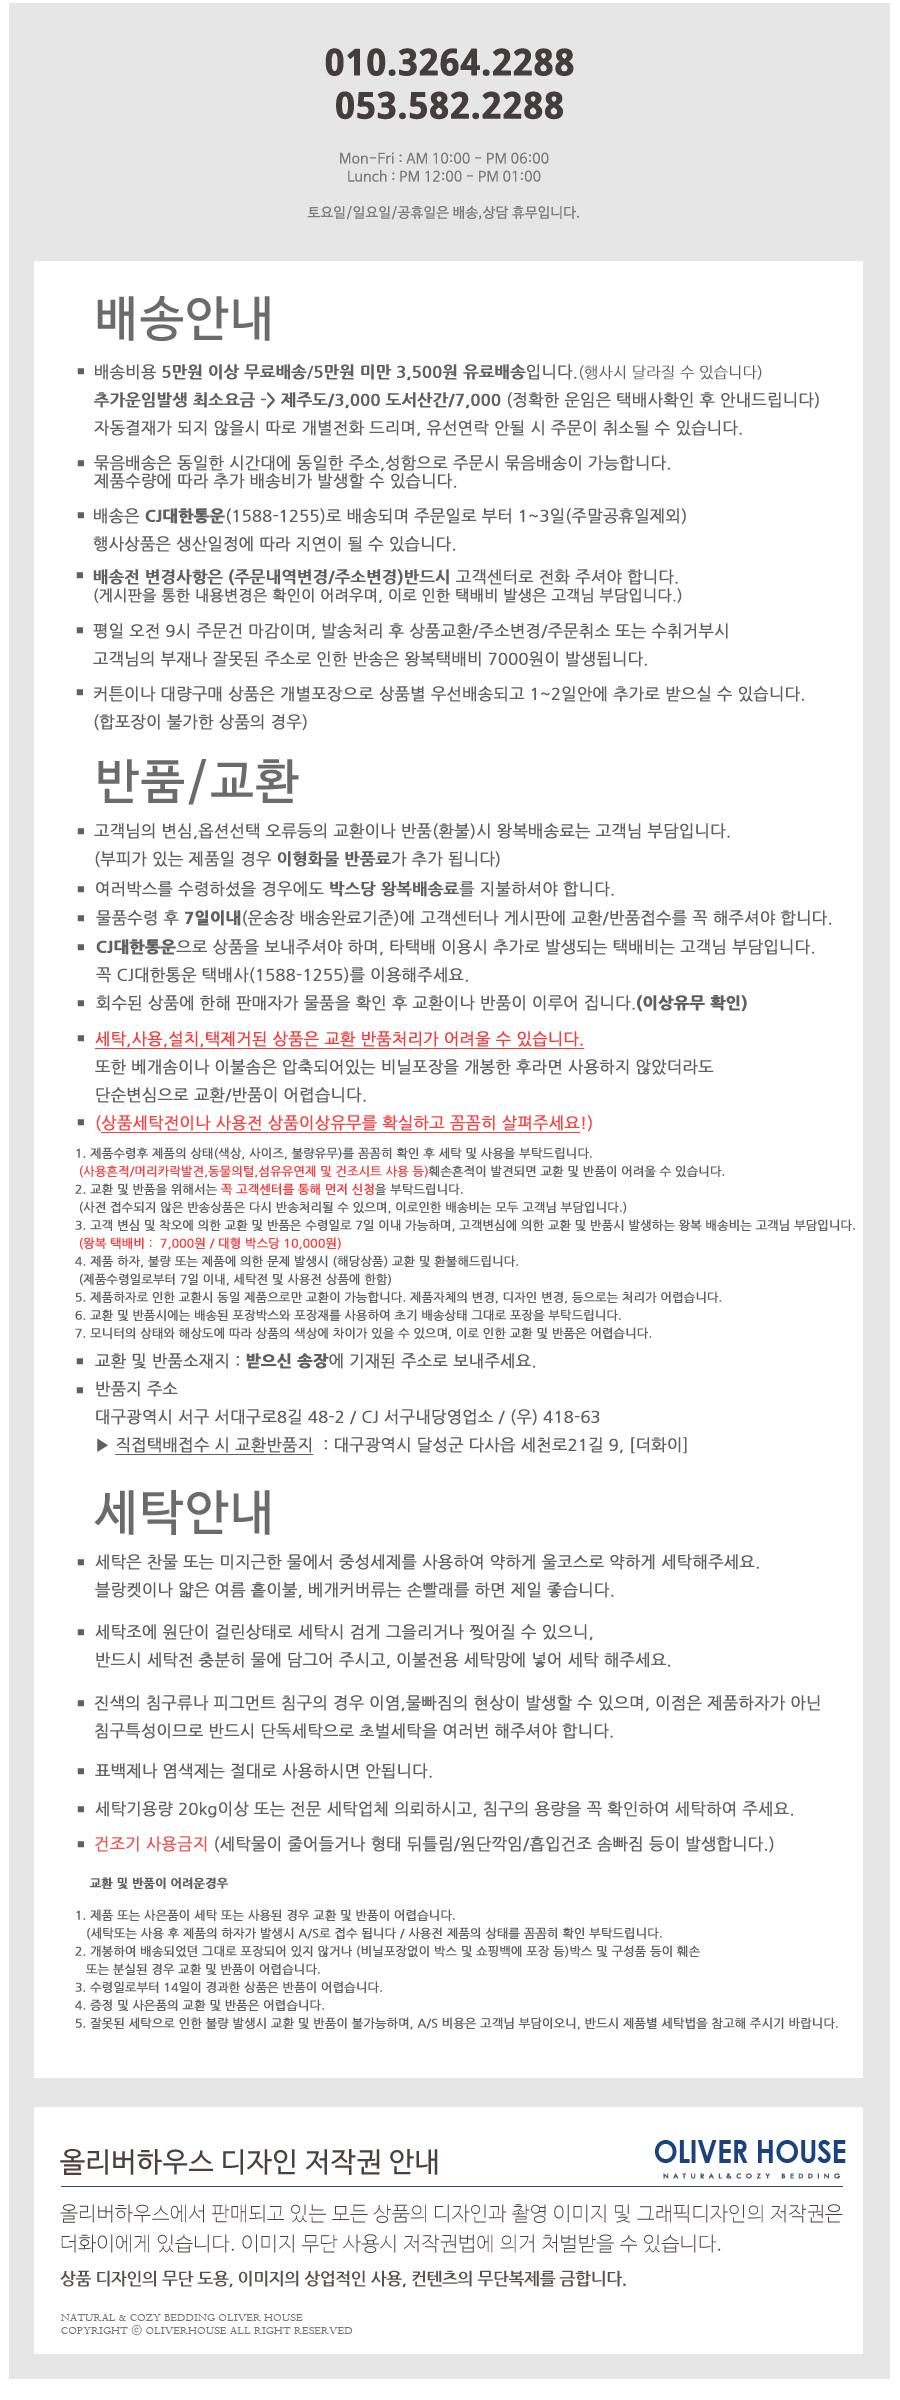 하모니 아사 피그먼트 줄누비 스프레드겸 양면패드 - 아모로조, 45,000원, 침구 단품, 패드/스프레드